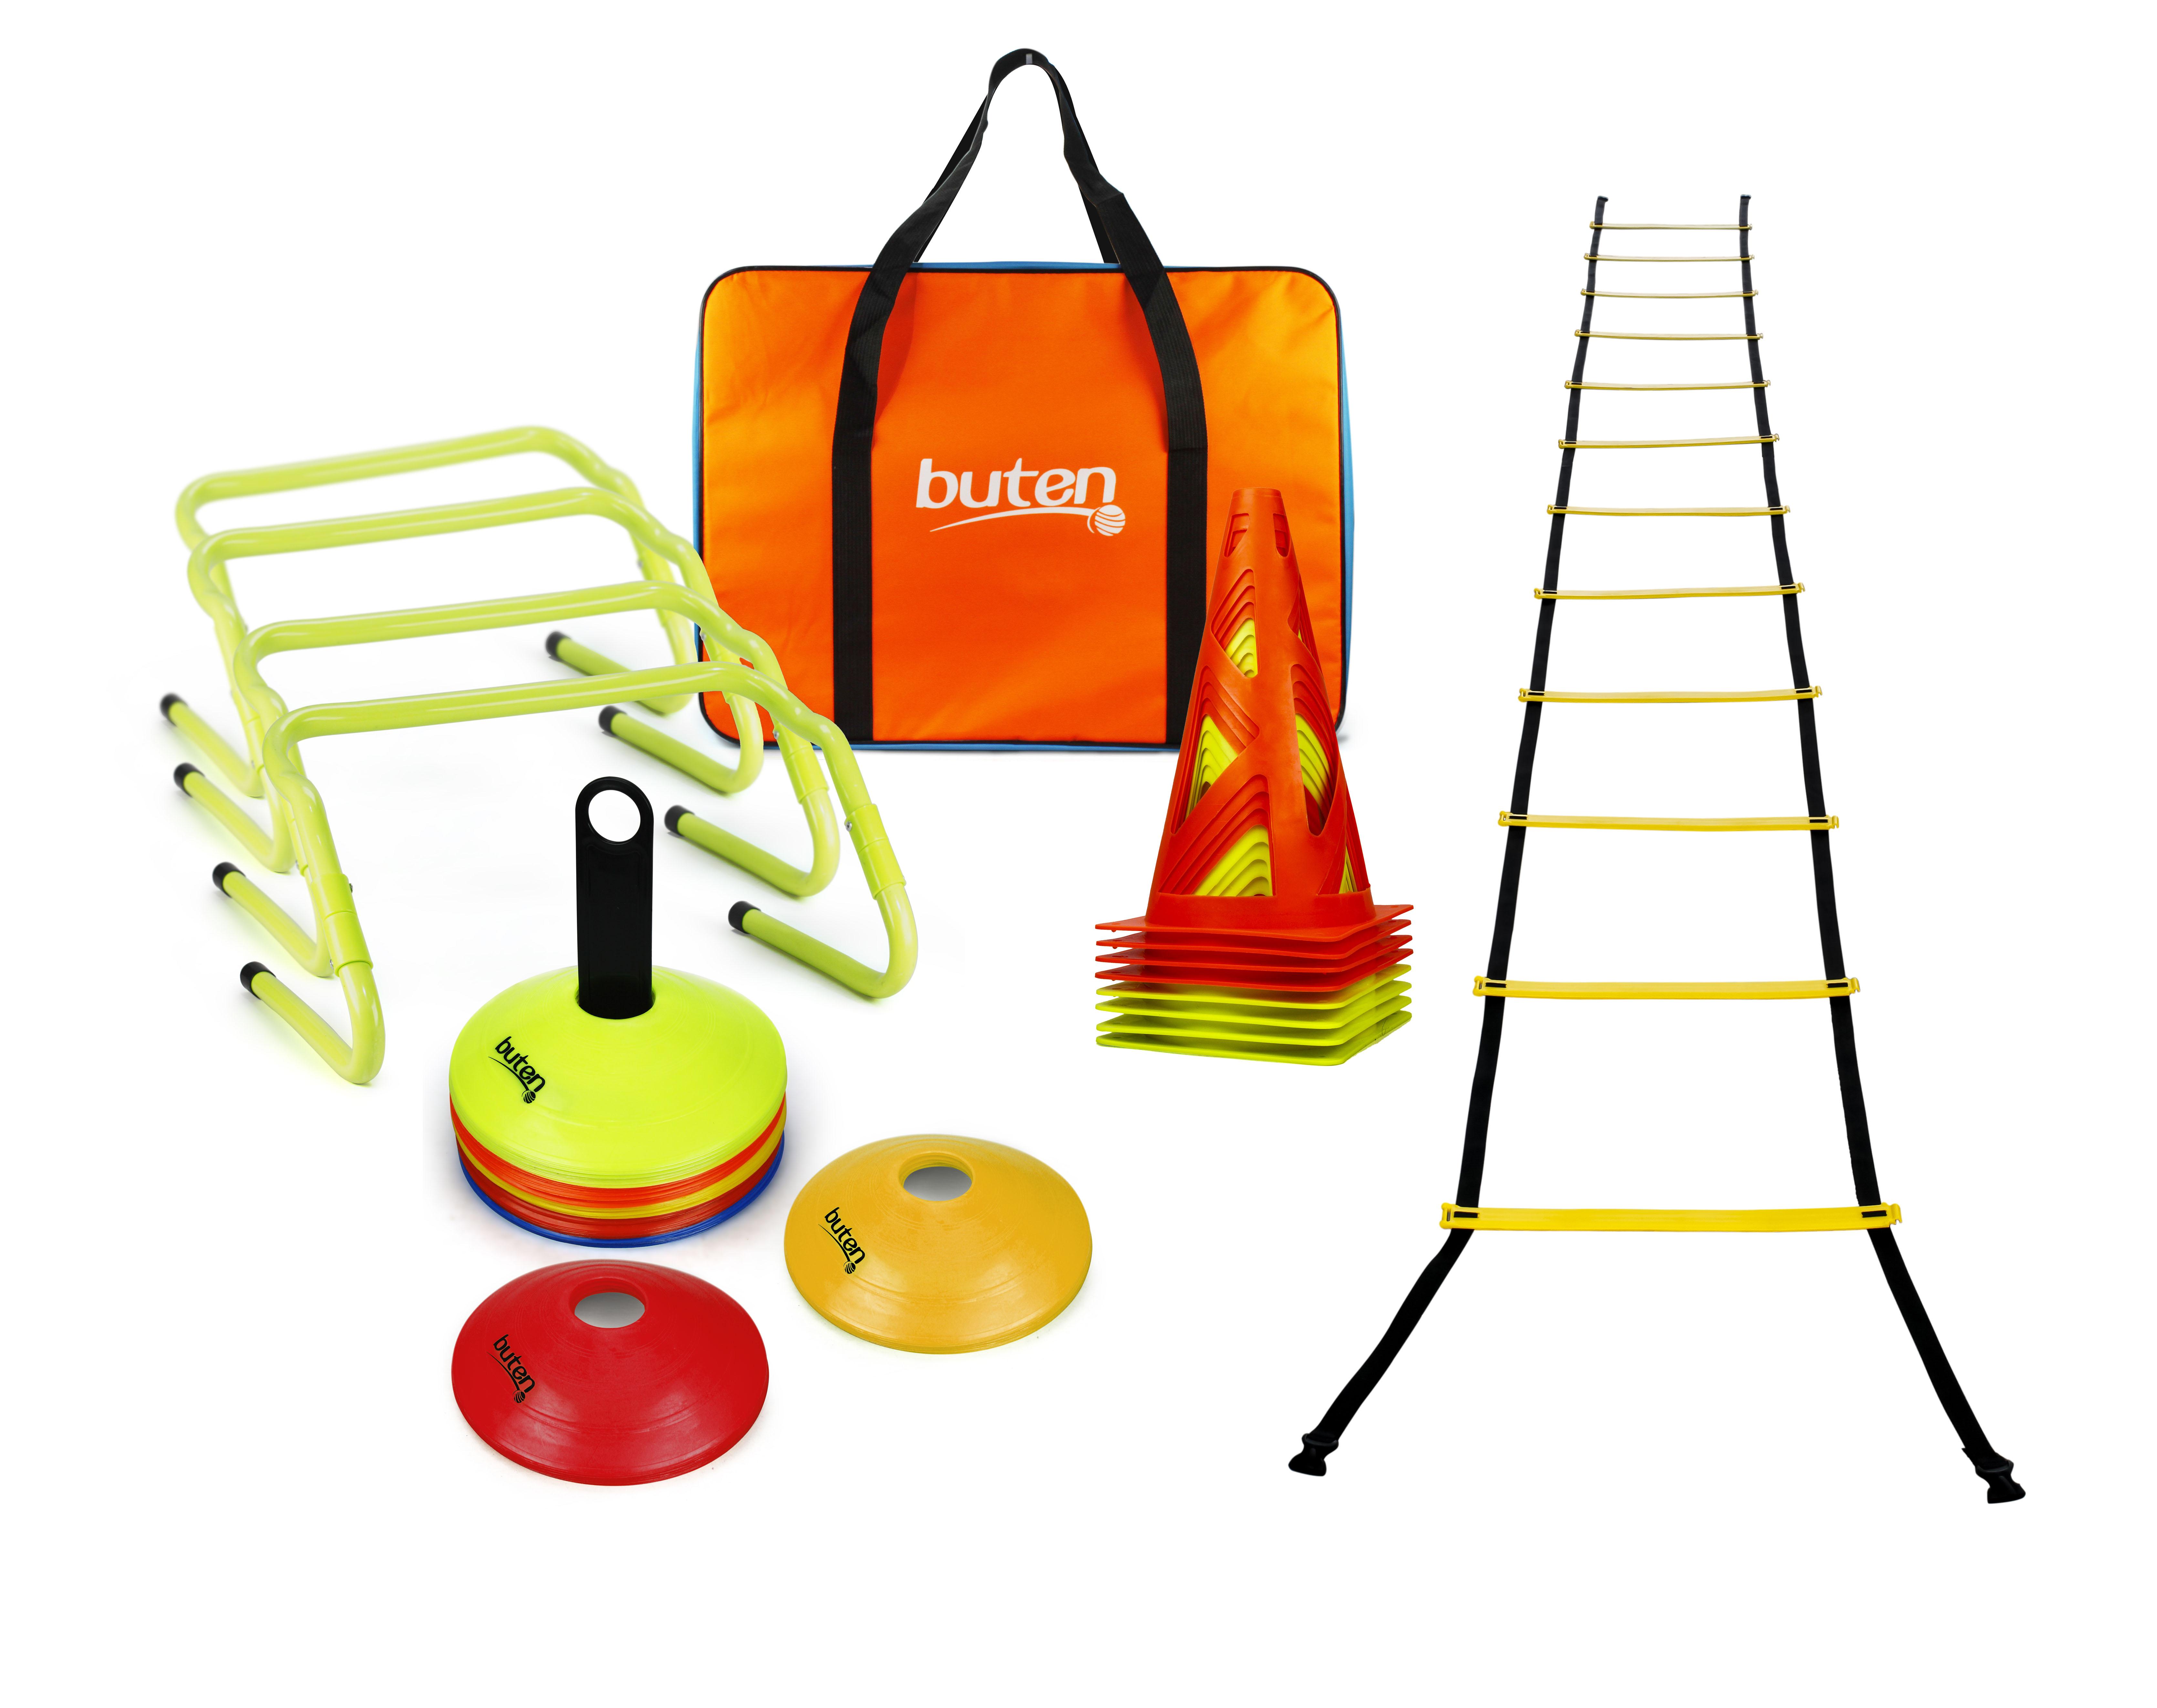 Kit de agilidad training básico marca Buten